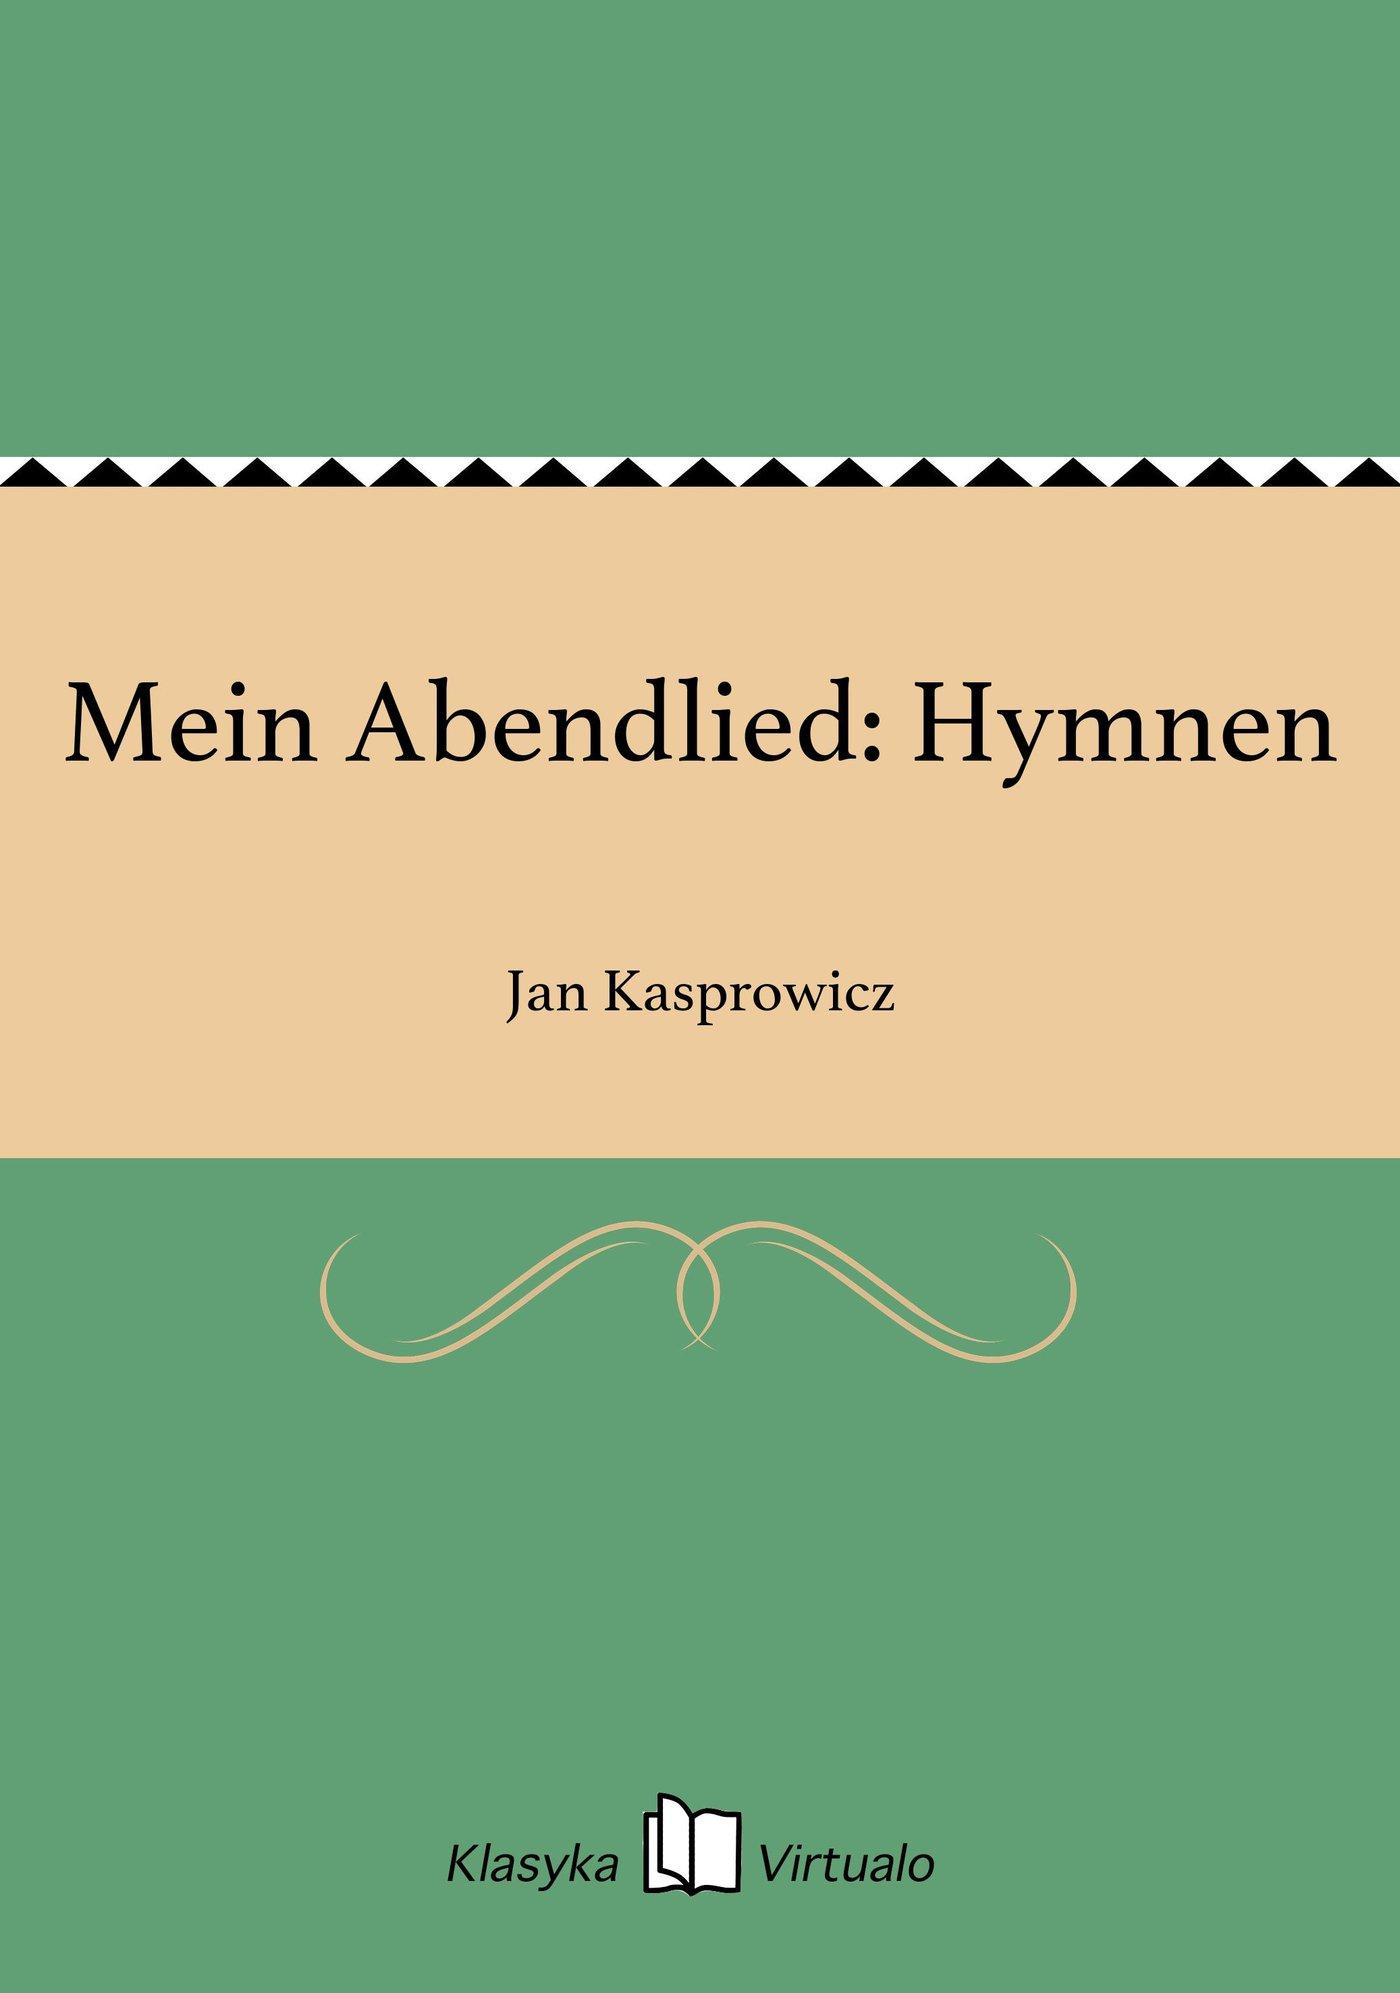 Mein Abendlied: Hymnen - Ebook (Książka na Kindle) do pobrania w formacie MOBI